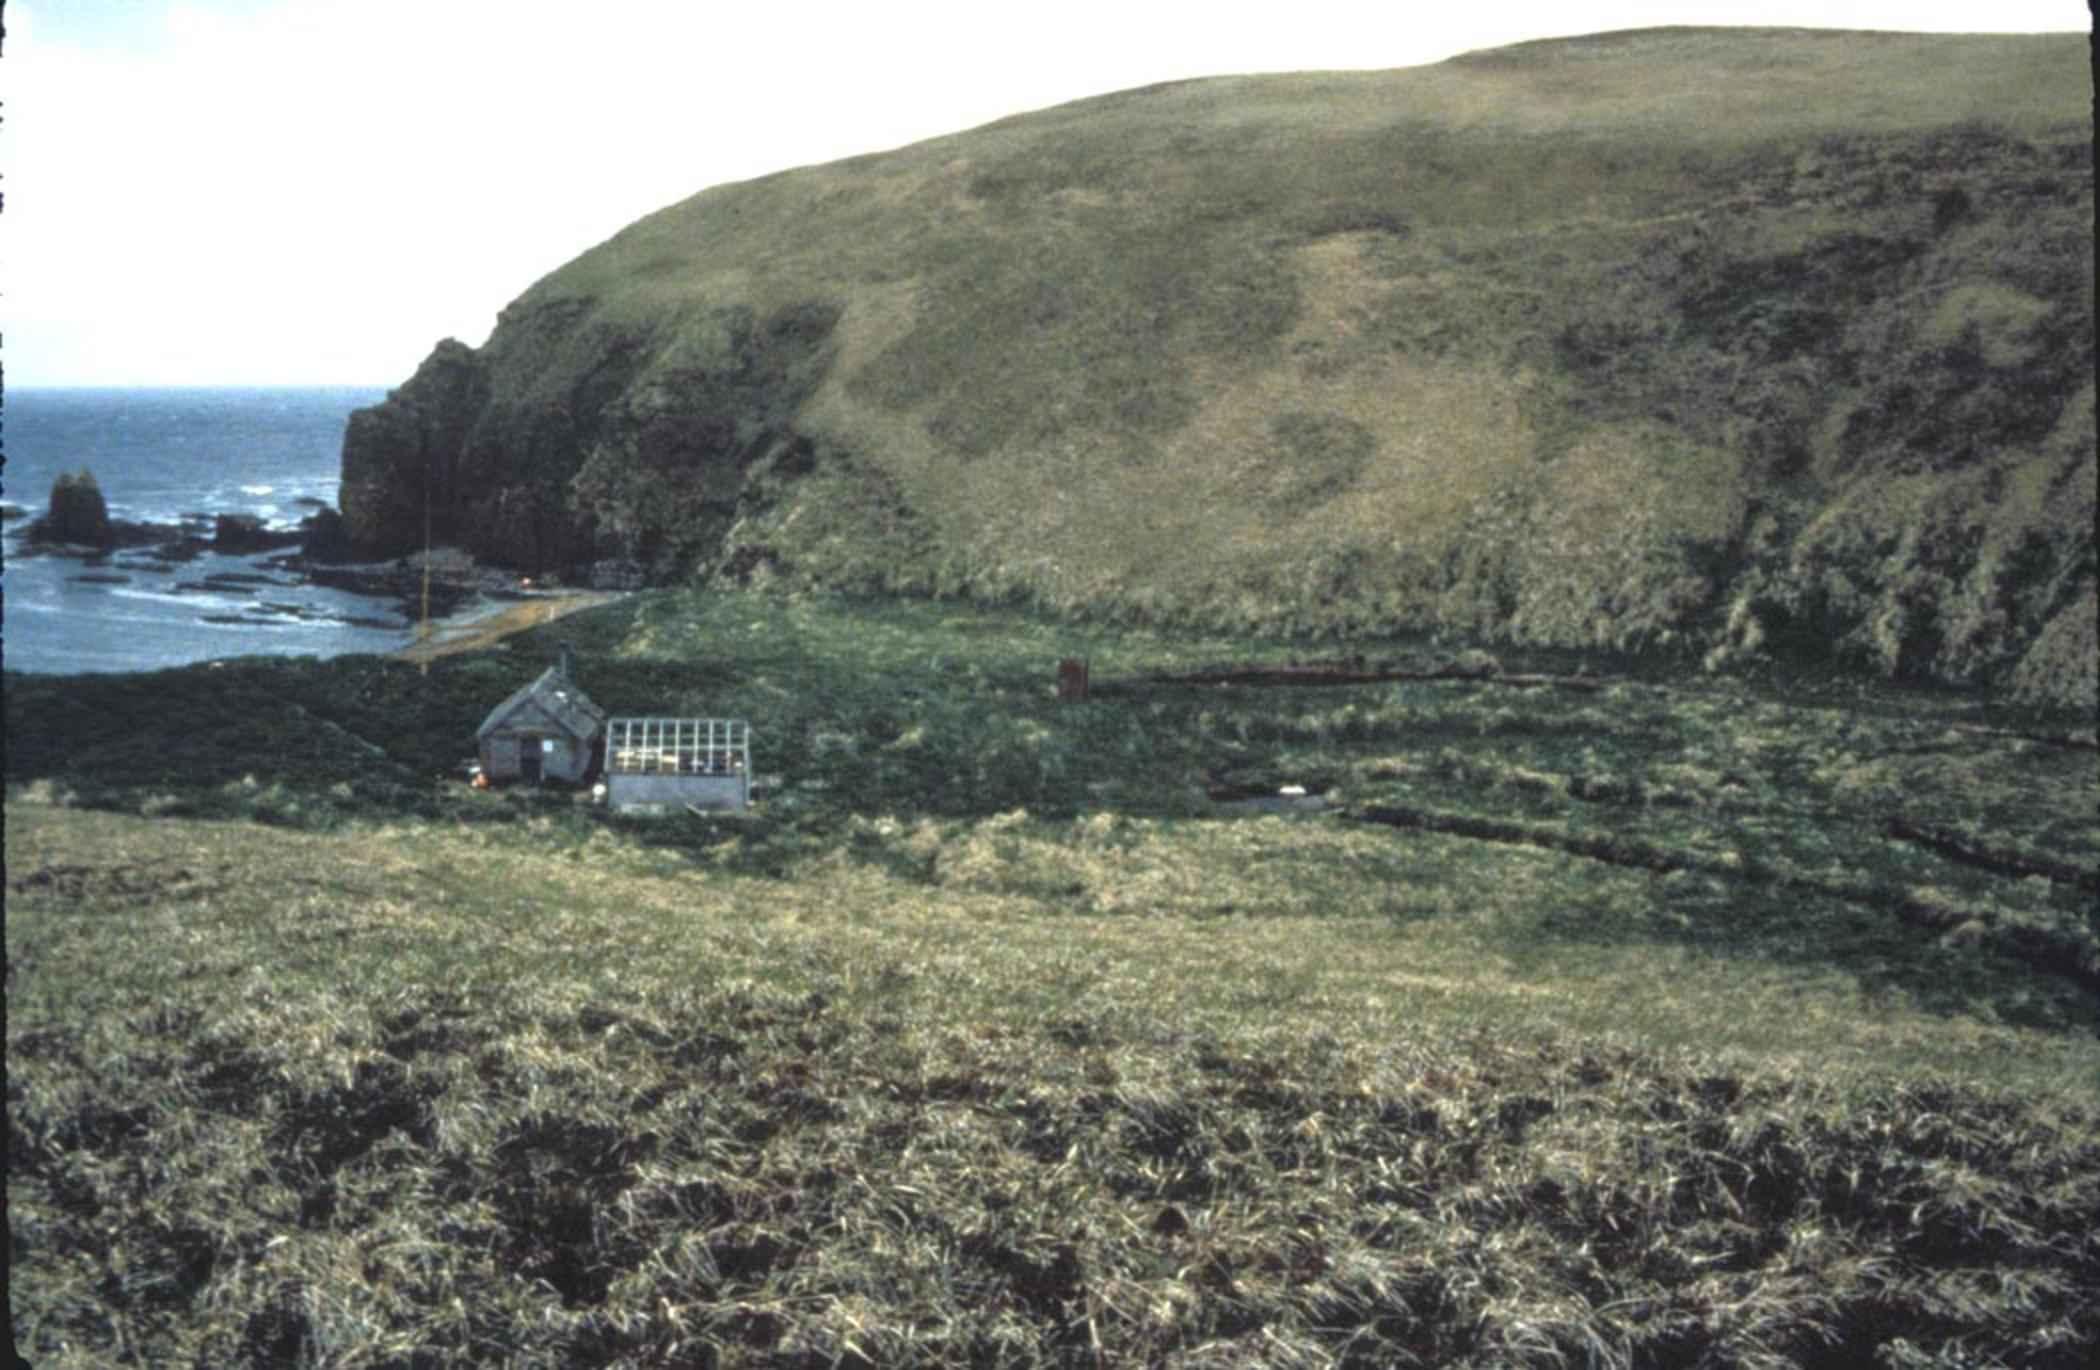 File:Agattu island aga cove cabins.jpg.